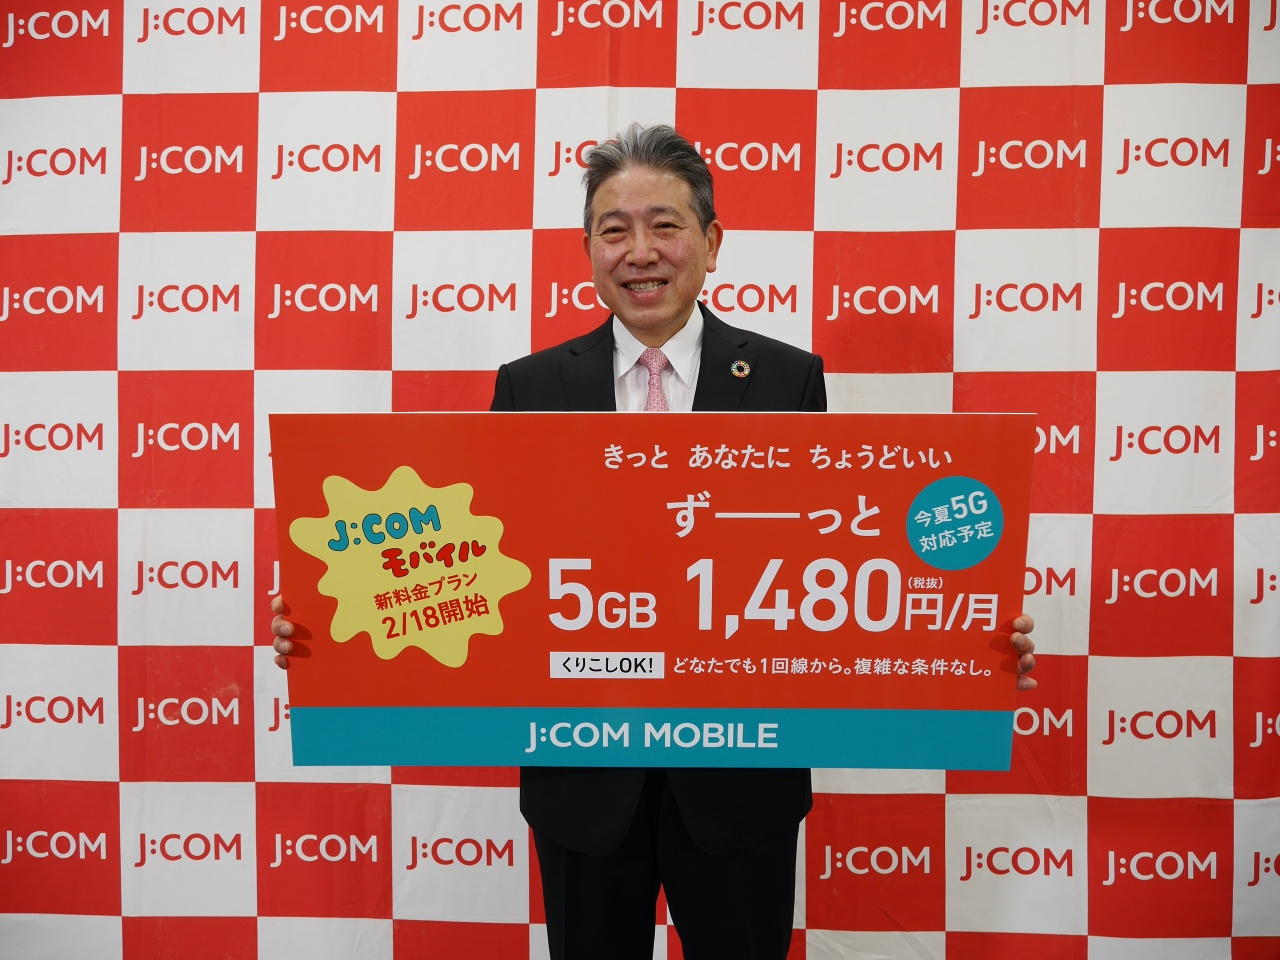 MVNO Masahiro Sano